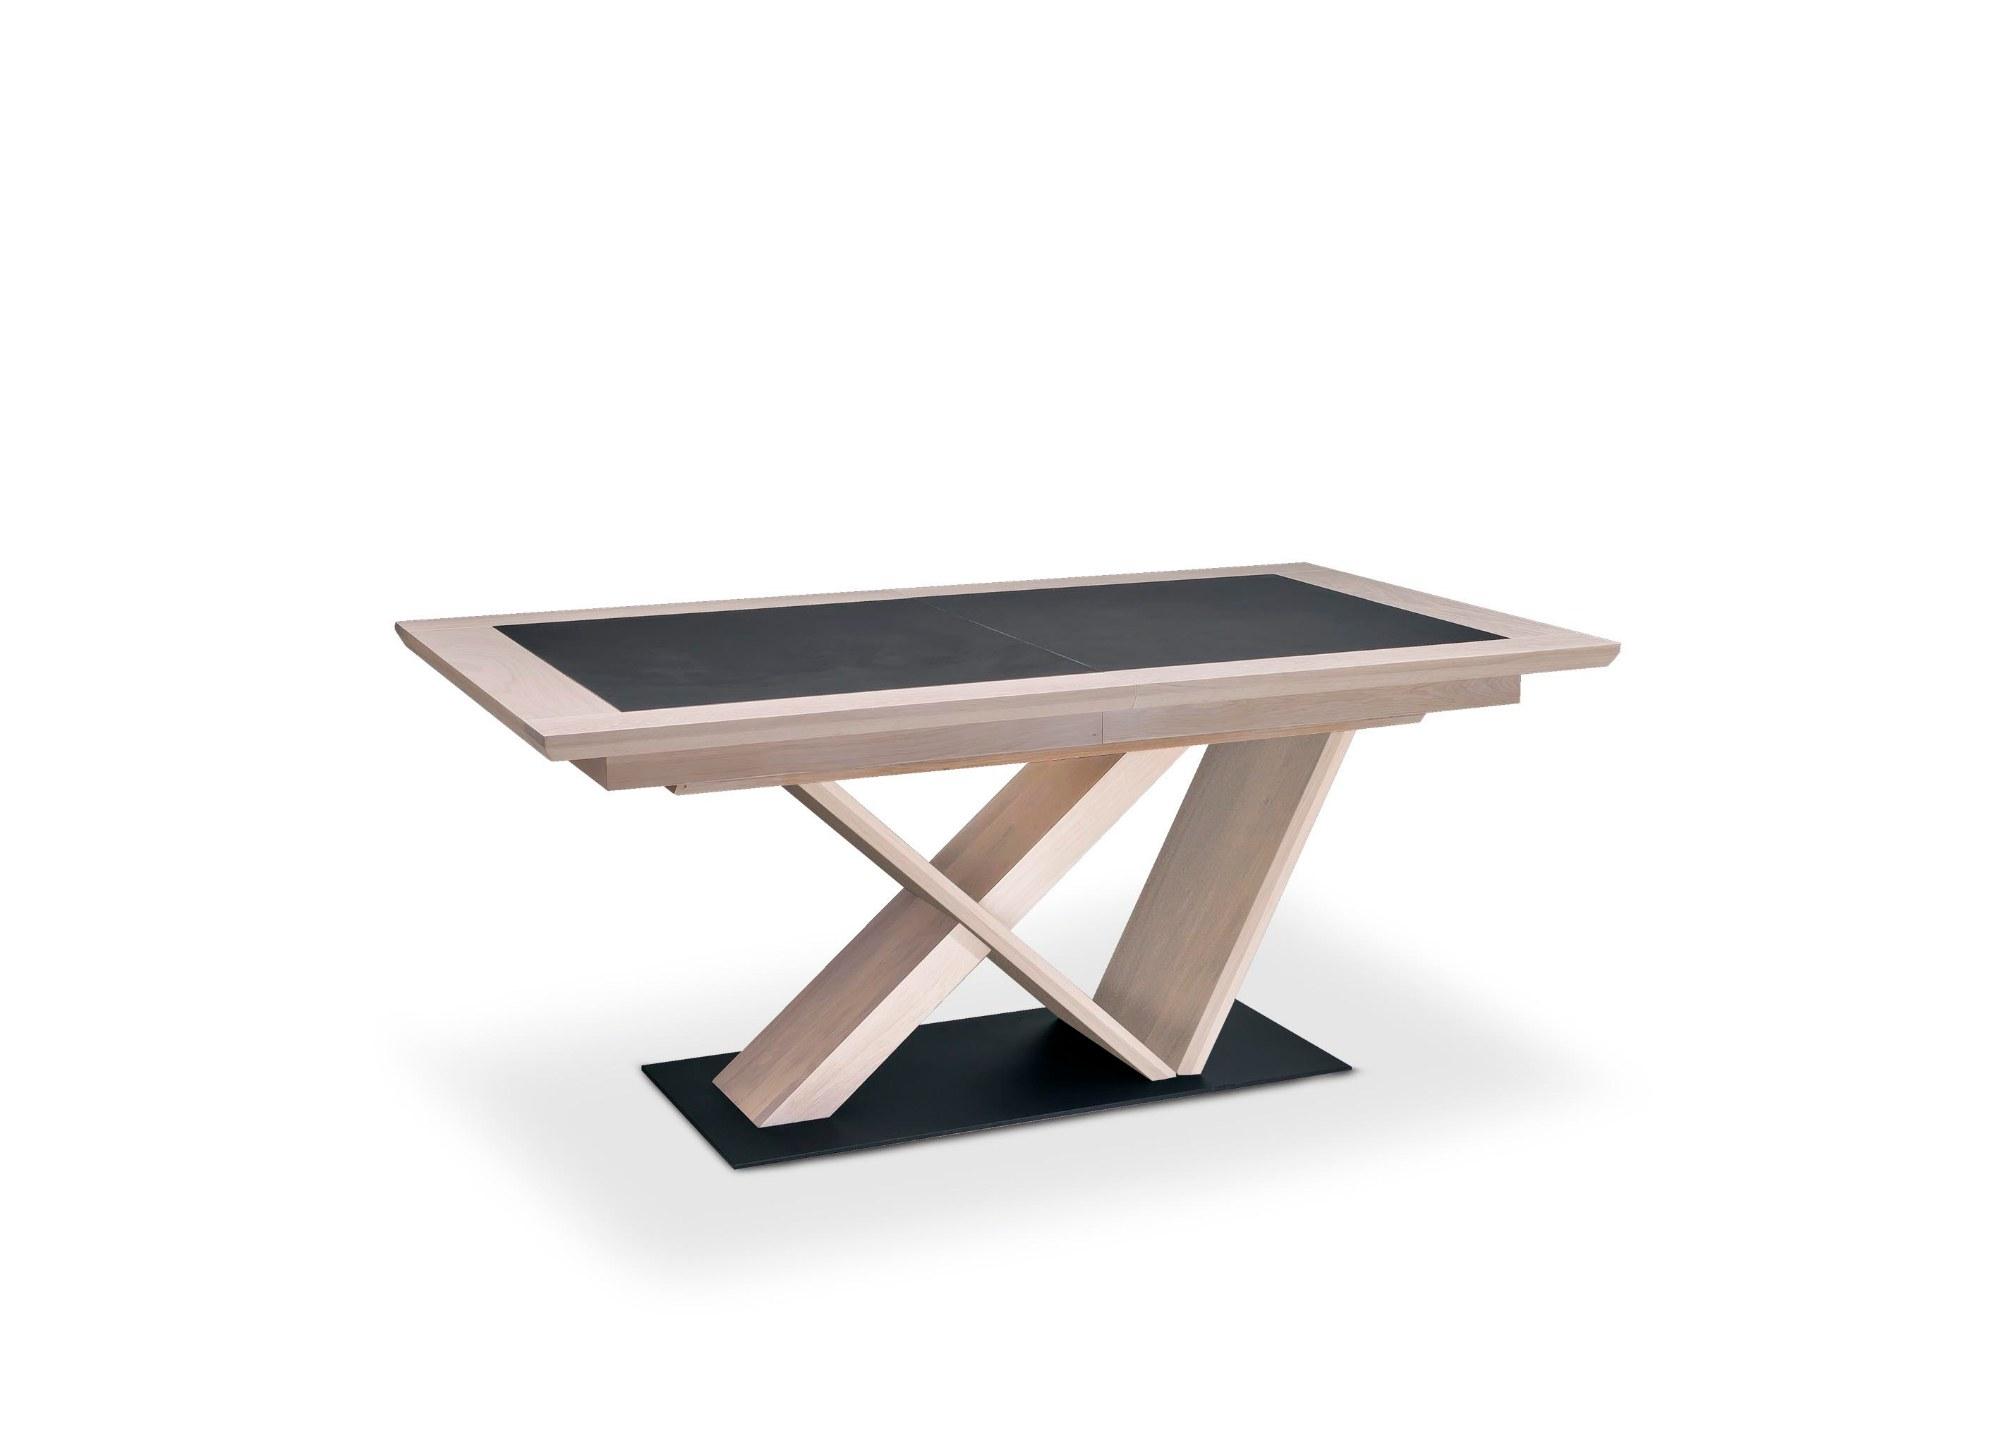 Table Belem pied central dessus céramique grise